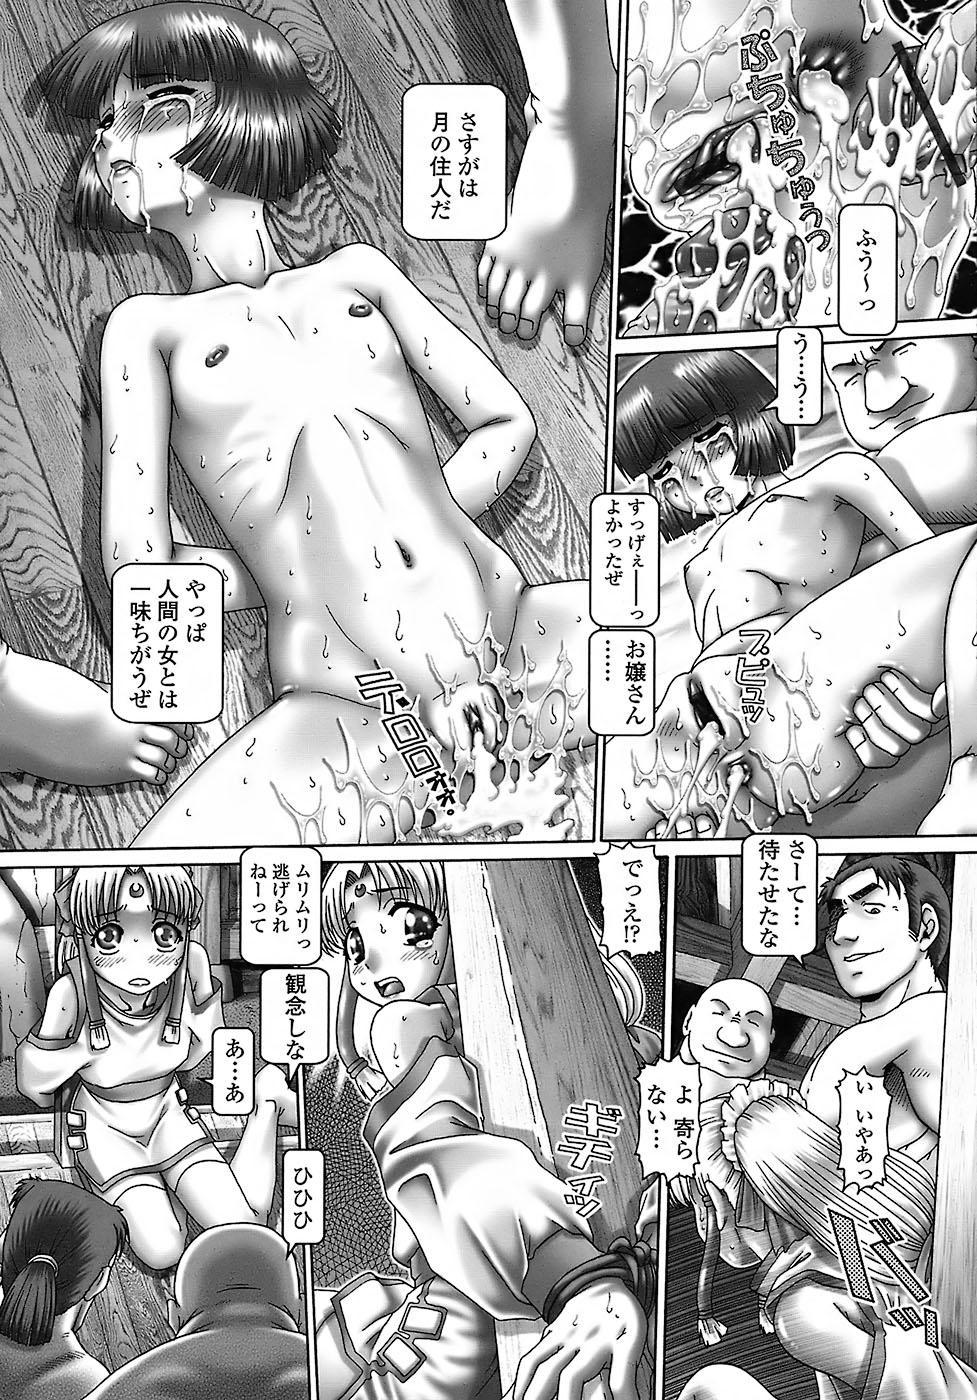 Tenshi no Shizuku 172